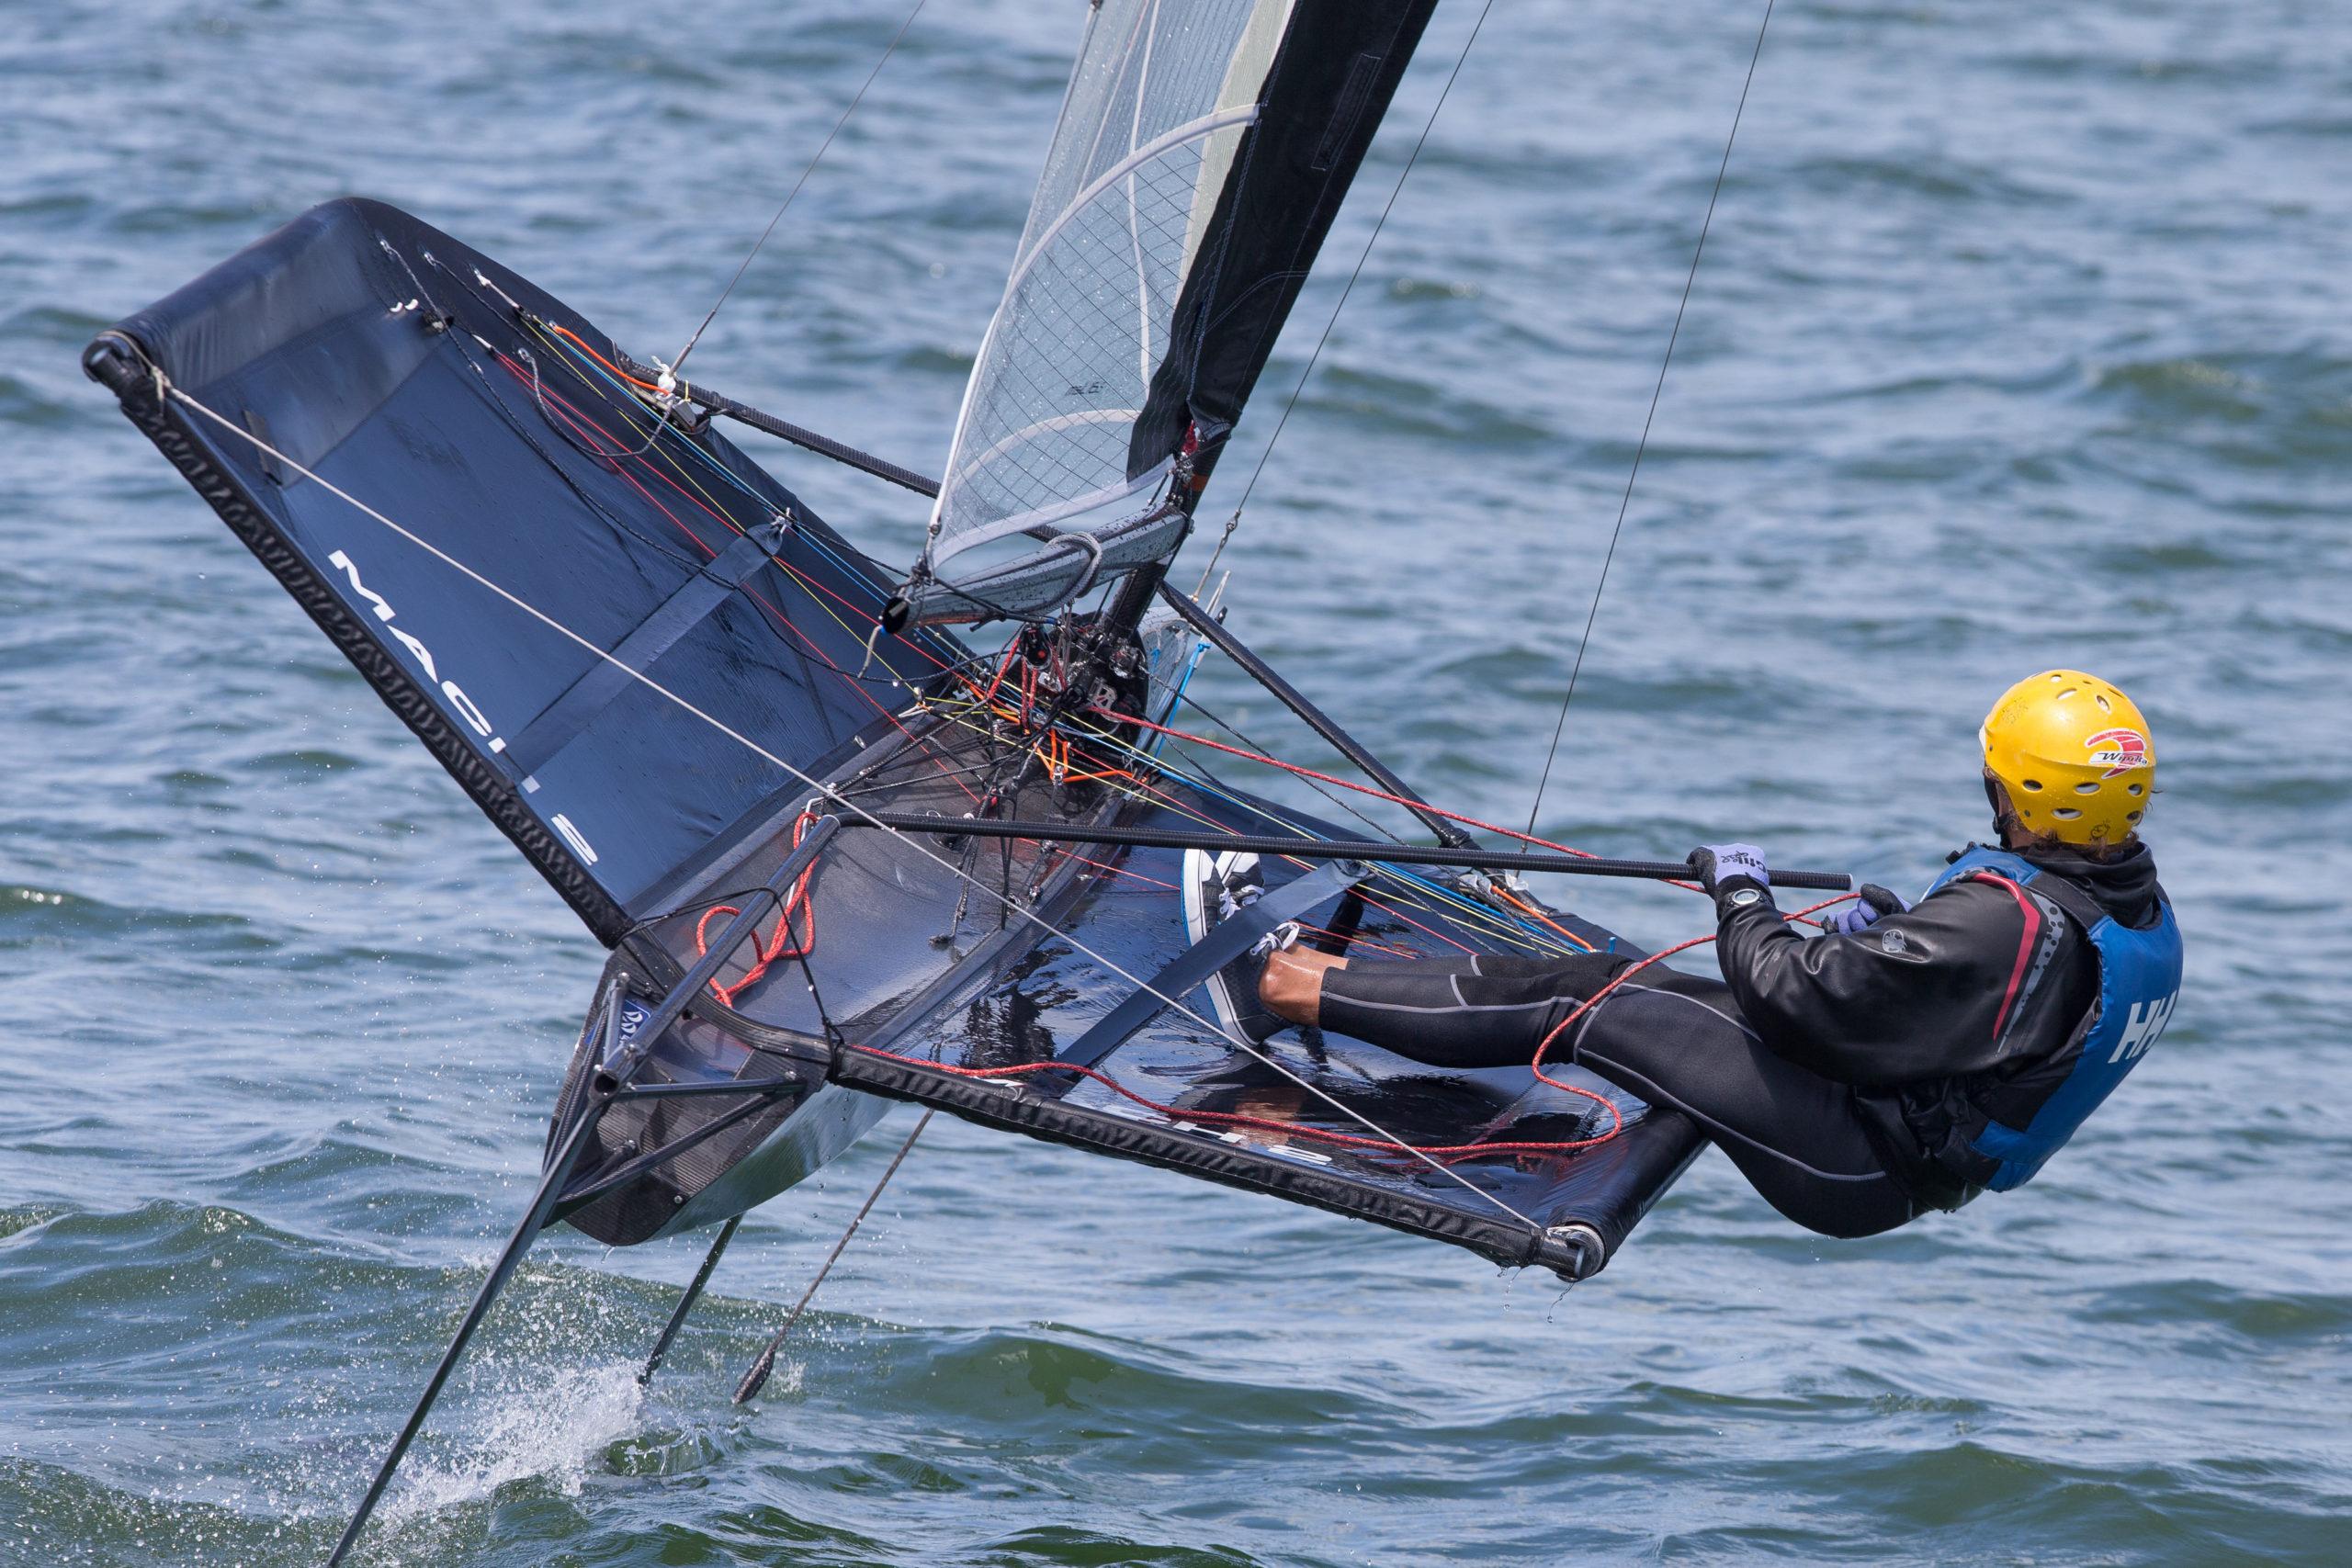 Greggi, el ganador del Campeonato Argentino de Moth. (Foto: Matias Capizzano)